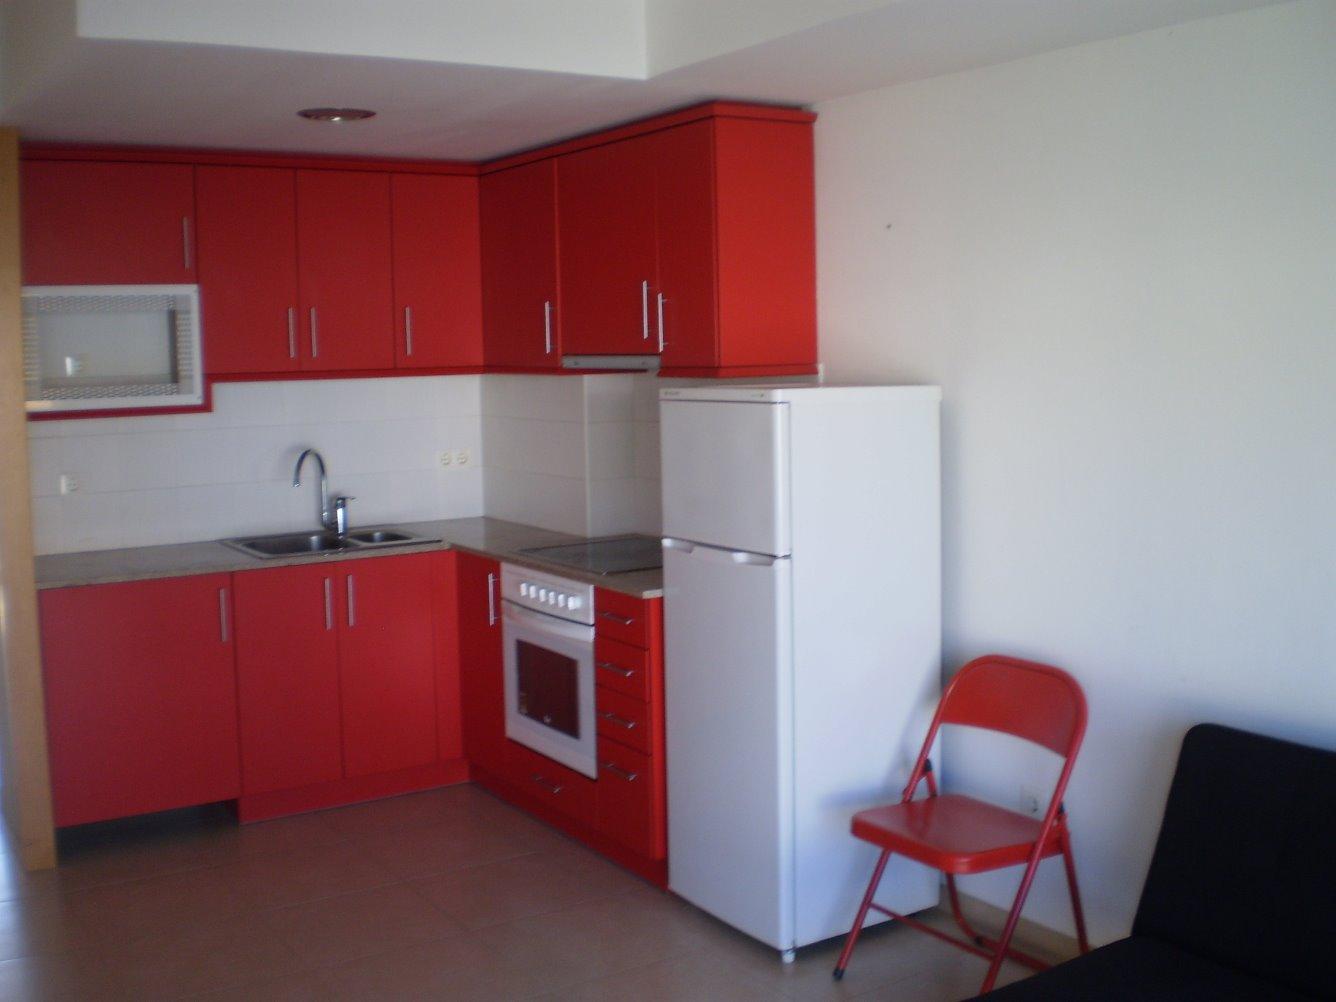 Alquiler Piso  Centro vilobi d'onyar. Piso duplex de 2 habitaciones en el centro de vilobí d'onyar. co